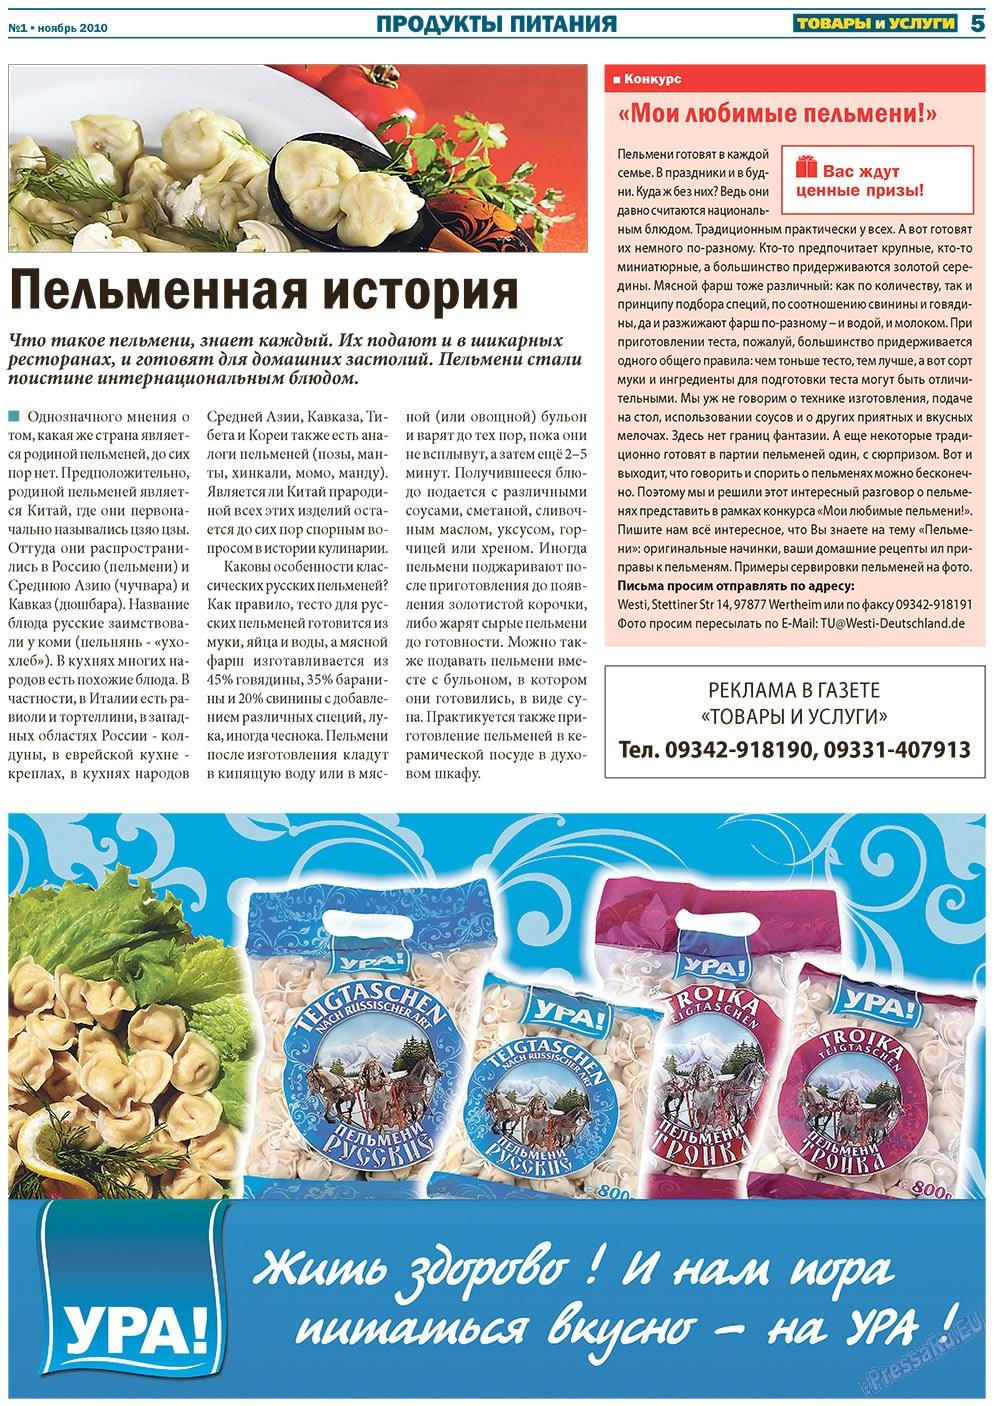 Товары и услуги (газета). 2010 год, номер 1, стр. 5